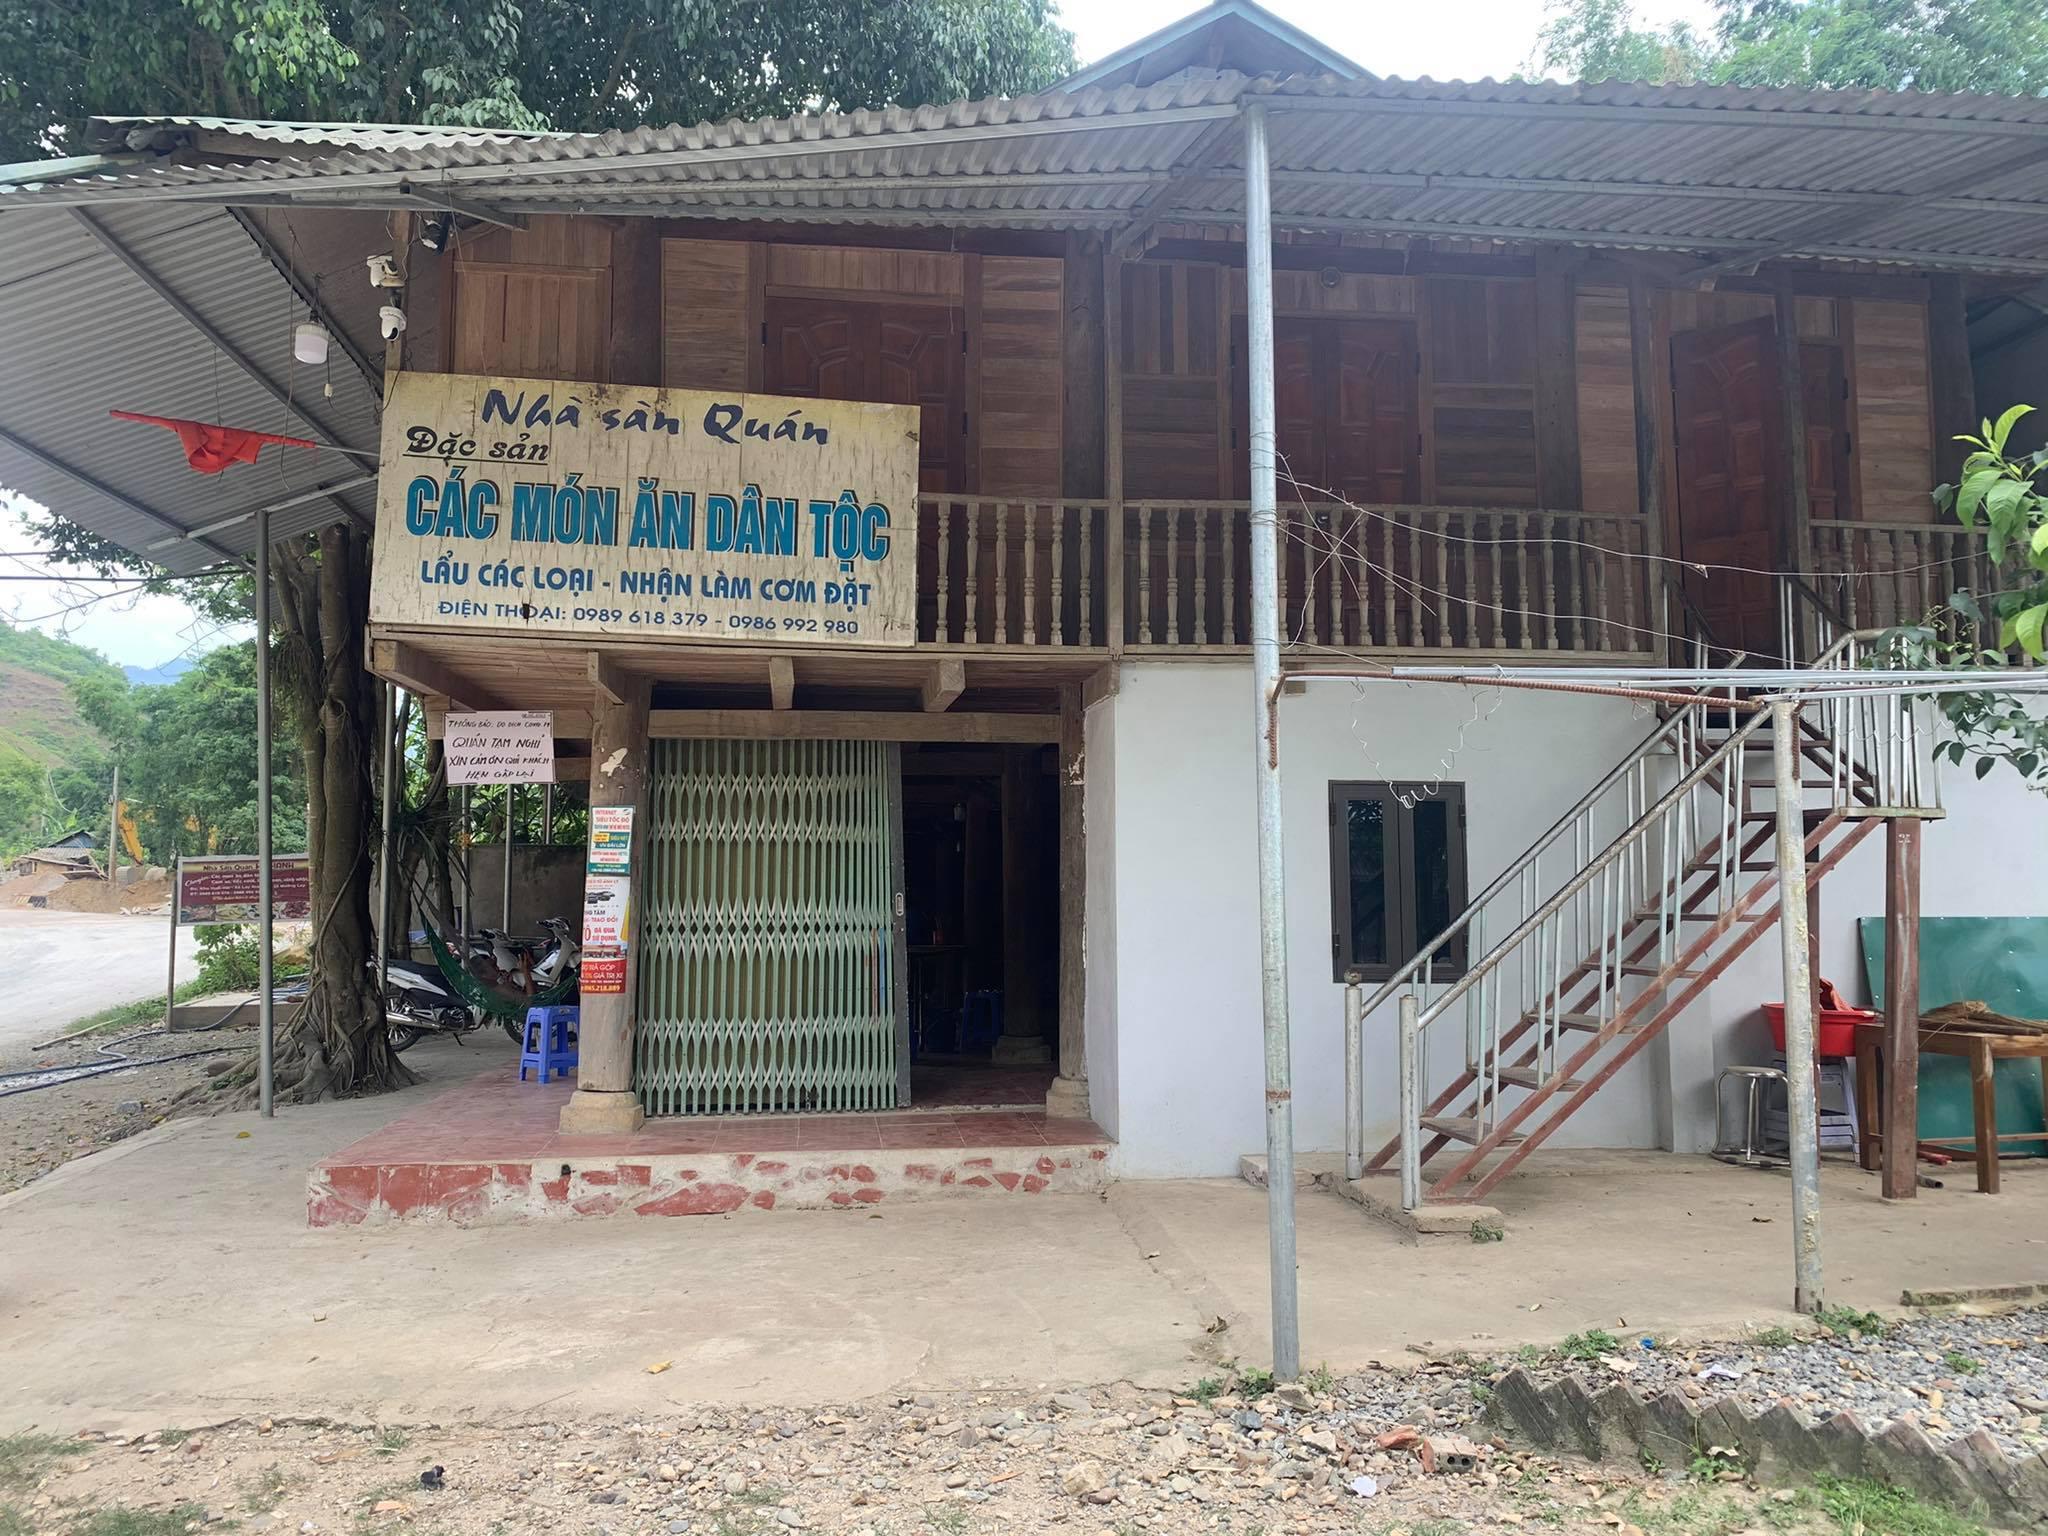 Nhà sàn Quán ở thị xã Mường Lay, tỉnh Điện Biên đã tự nguyện đóng cửa phòng, chống dịch.